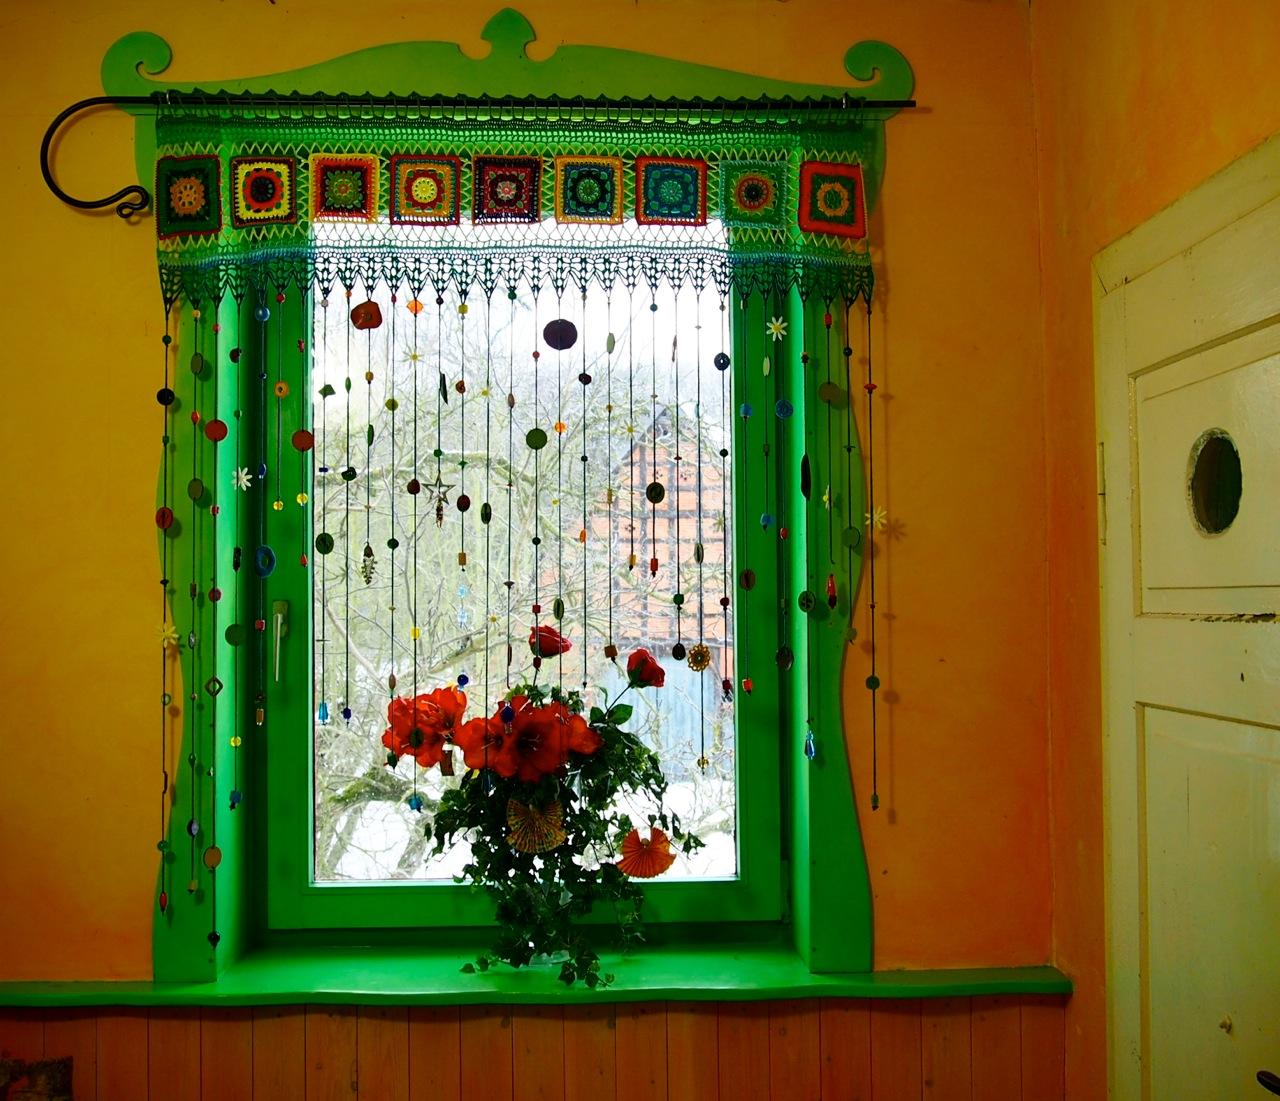 Full Size of Gardine Häkeln Raum Mbelkunst Hkeln Hippie Scheibengardinen Küche Gardinen Für Wohnzimmer Schlafzimmer Die Fenster Wohnzimmer Gardine Häkeln